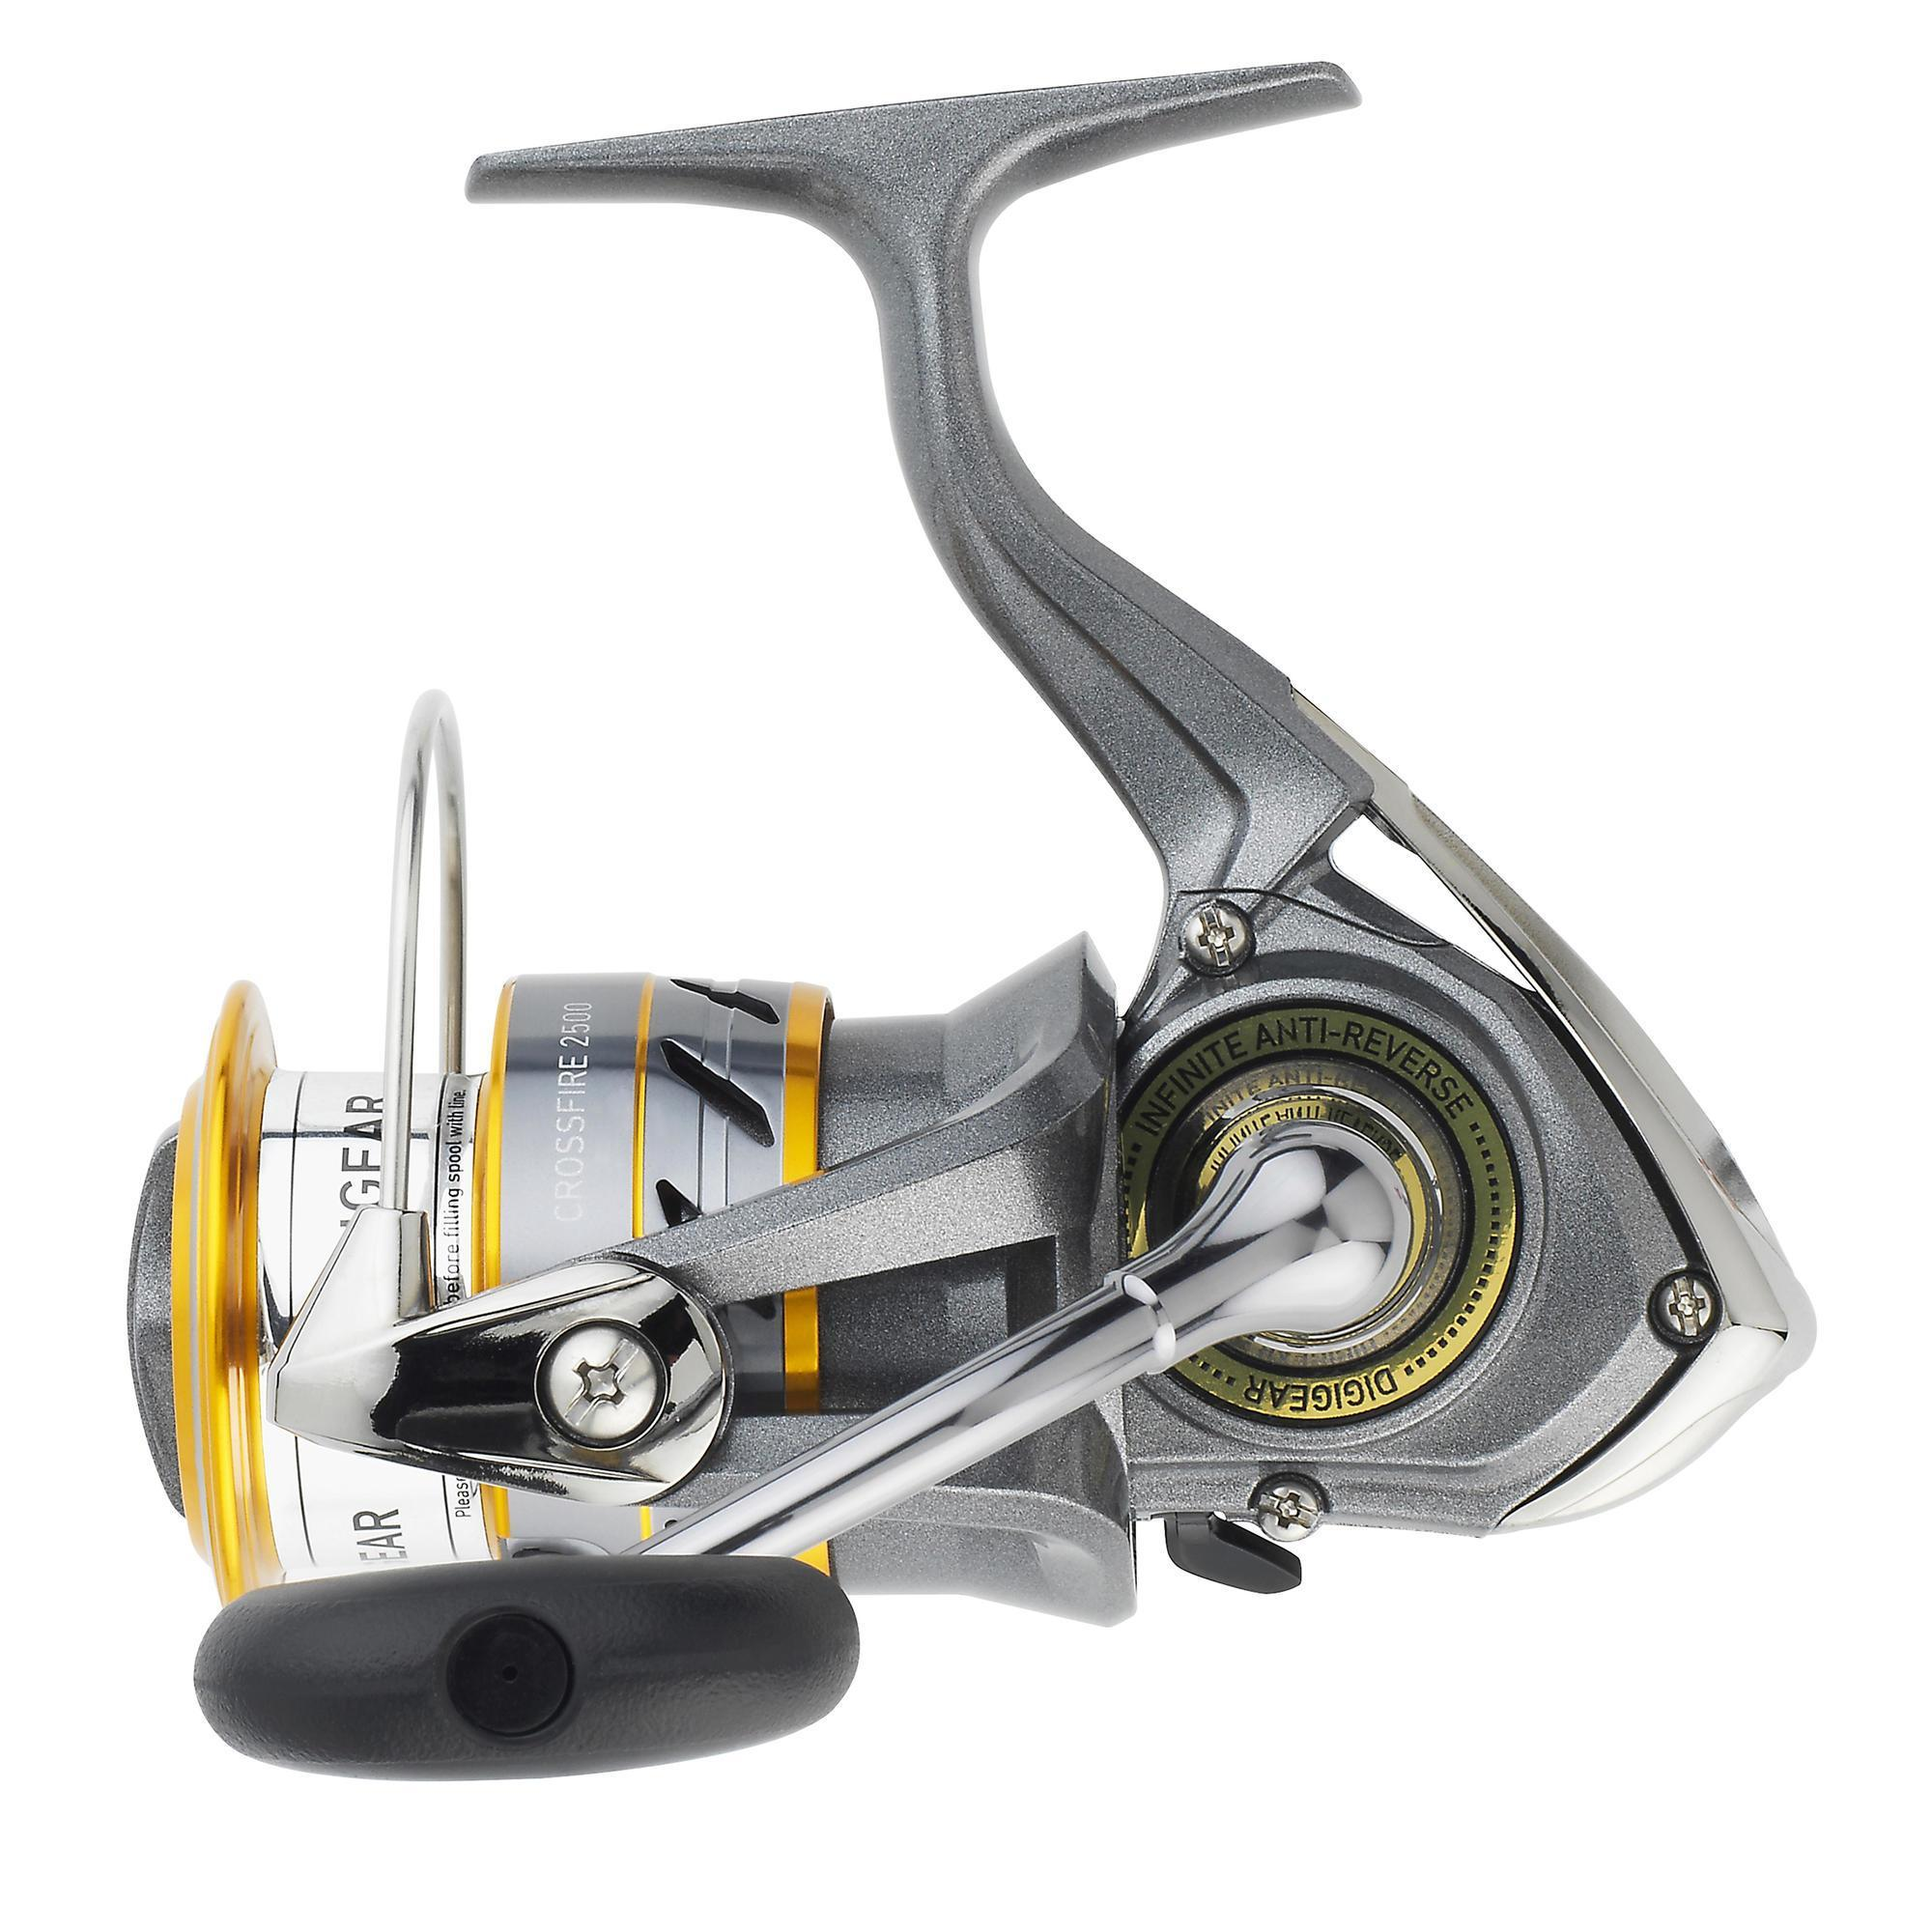 5ac1b4a23ec Comprar Carretes de Pesca online | Decathlon